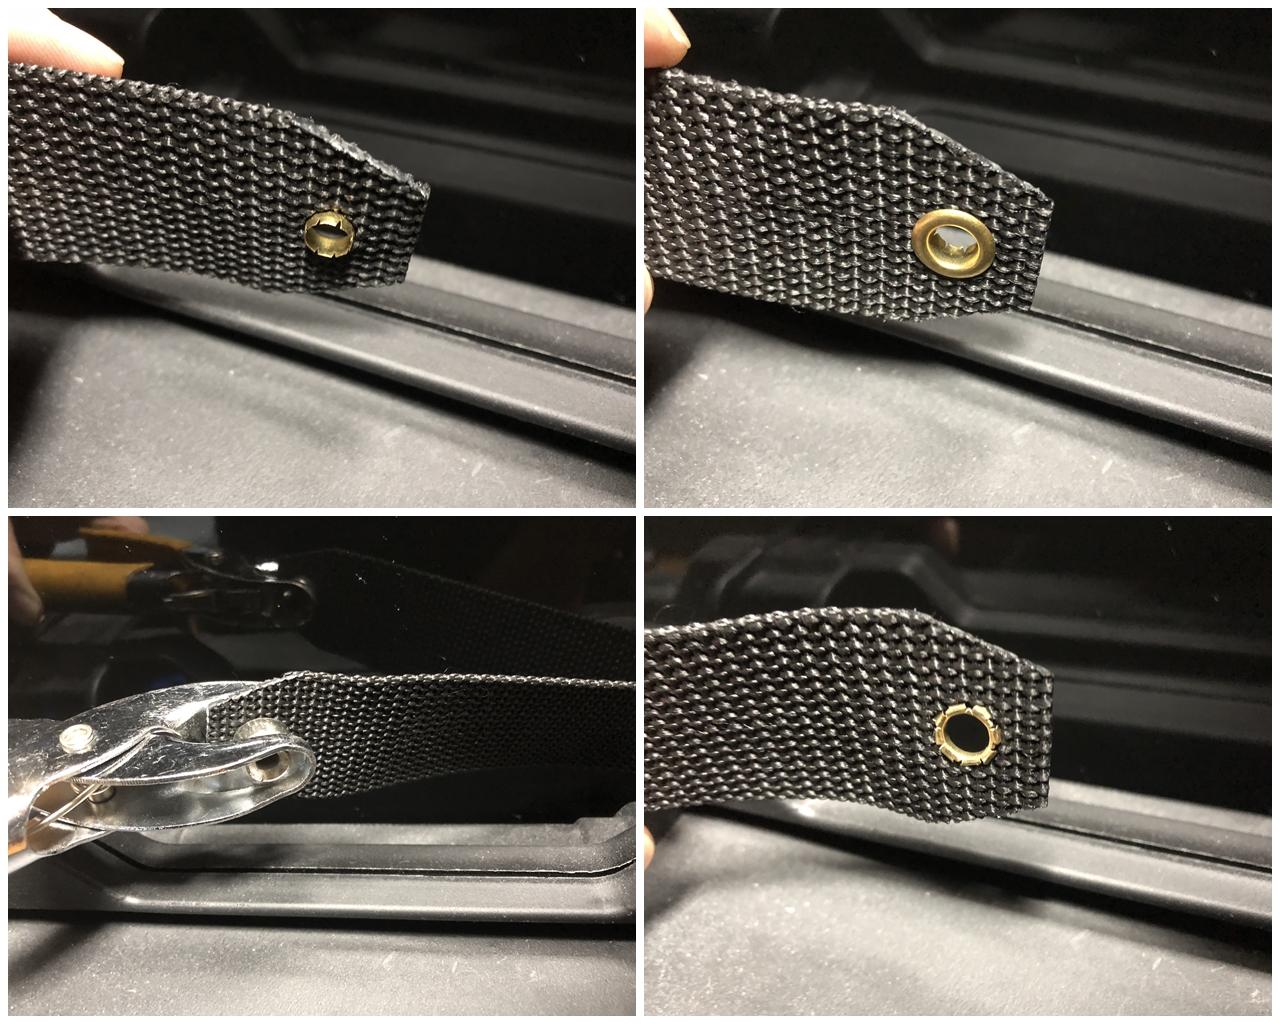 4 マルゼン CA870 フォアエンド カスタム DIY ORIGINAL RAPTOR STRAP KIT 870 FOREND オリジナル ストッパー バンド ベルト パット 加工 取付 結果 レビュー したるの巻